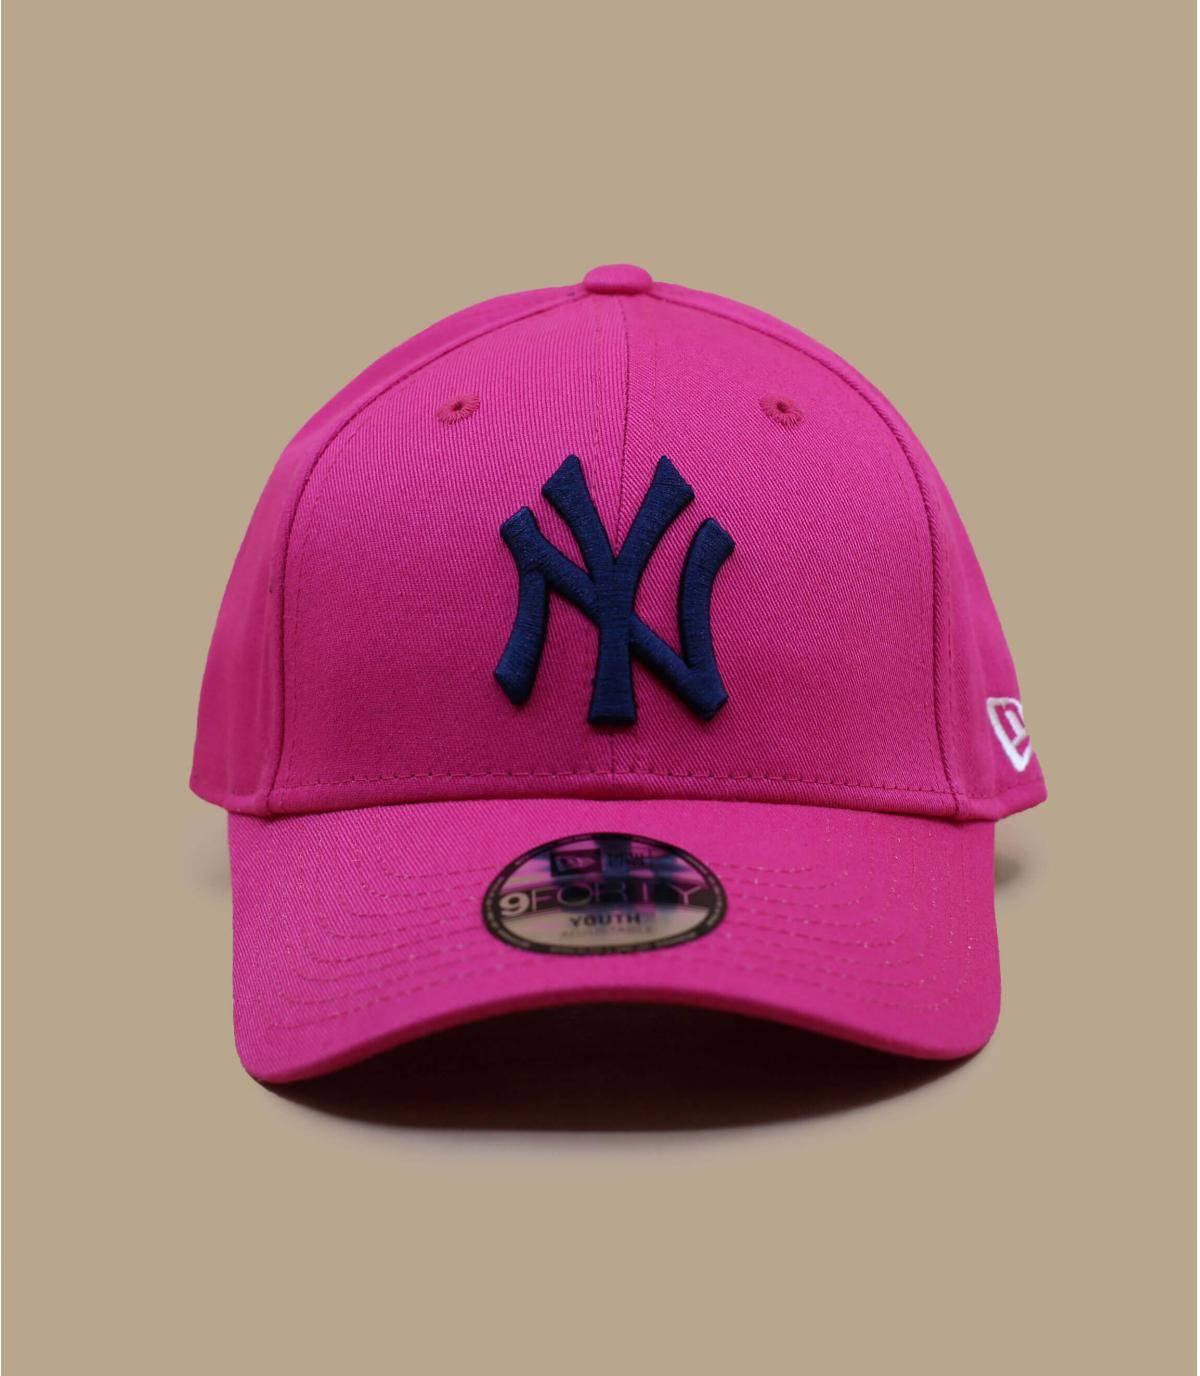 gorra niño NY rosa